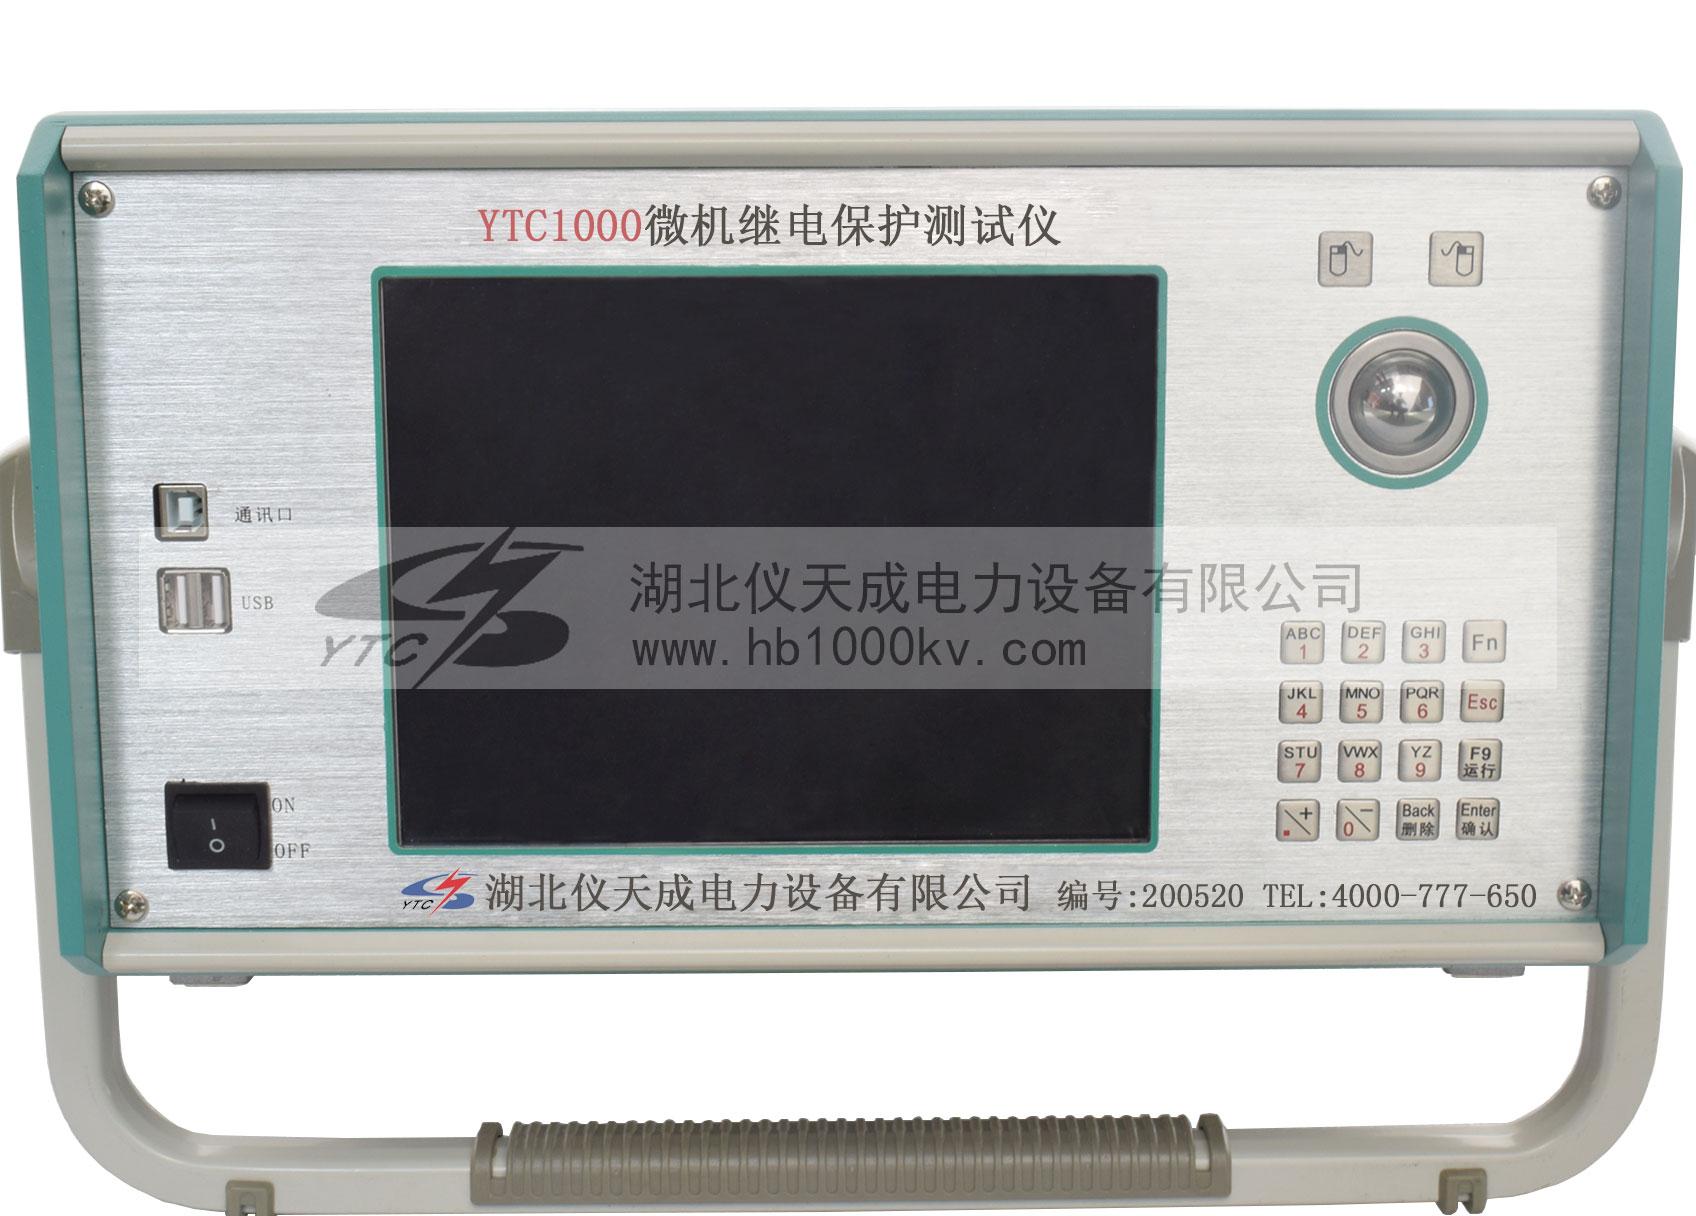 YTC1000微机继电保护测试仪控制面板